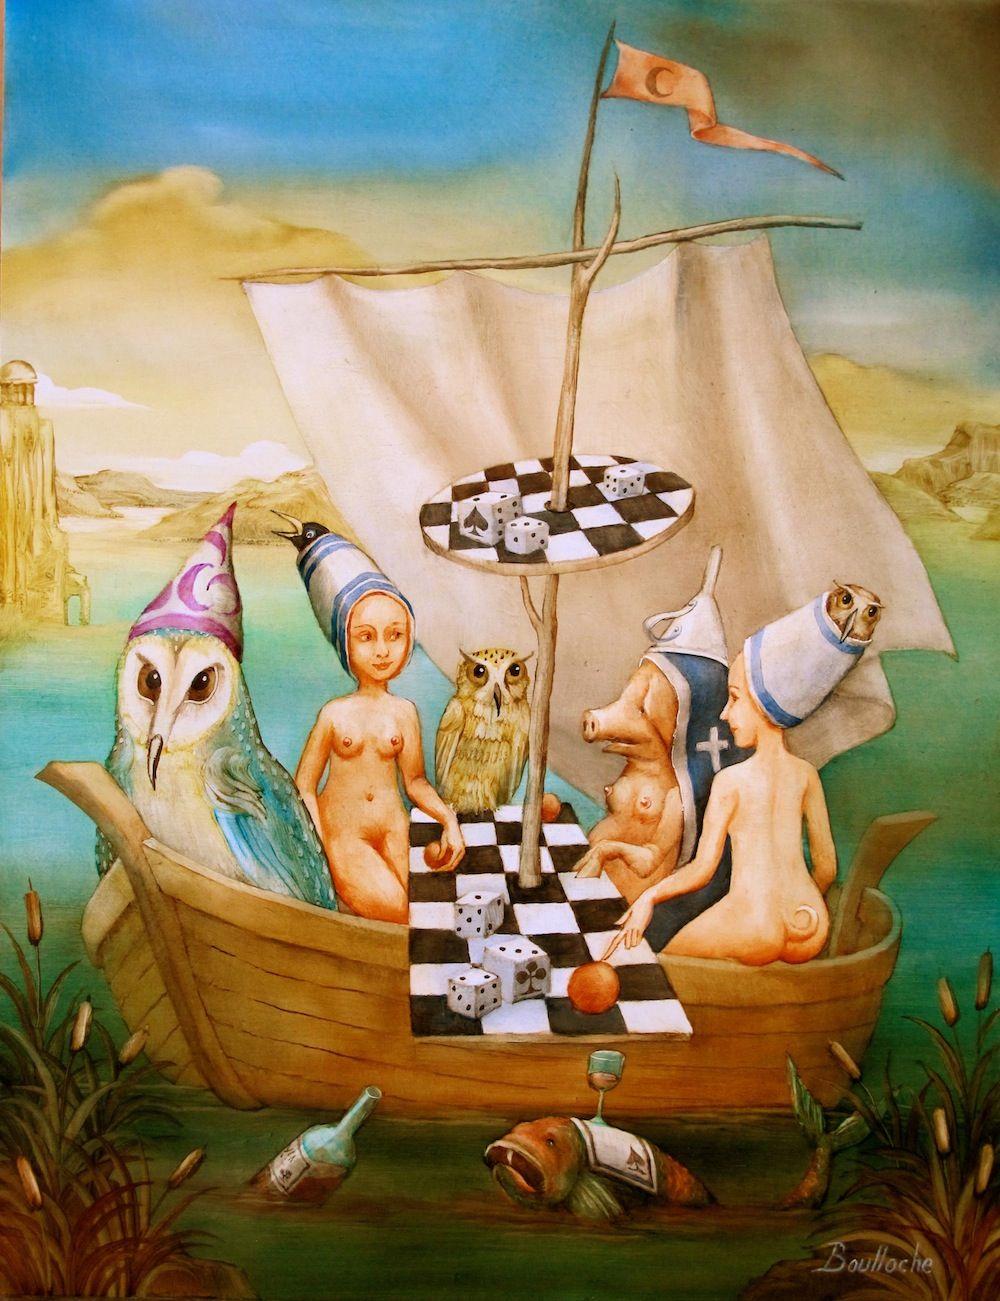 Cote Artiste Peintre Francais agnes boulloche, galerie sakah toulouse, peintre   whimsical